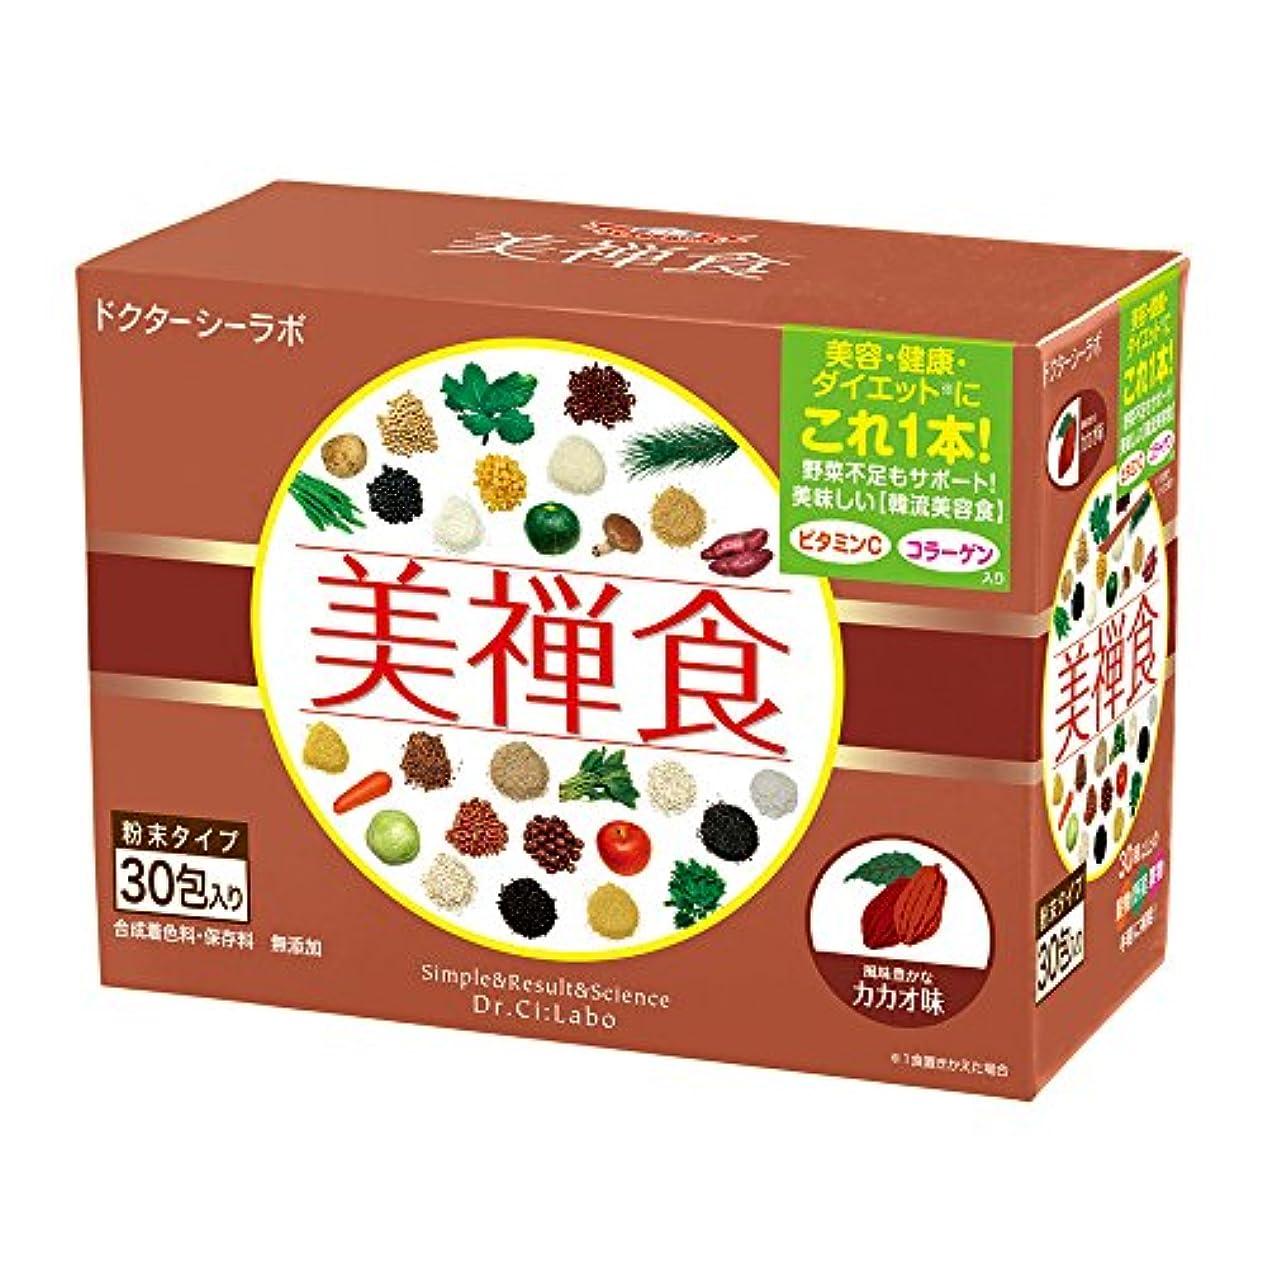 迷路モディッシュ医学ドクターシーラボ 美禅食 カカオ味 462g(15.4g×30包) ダイエットシェイク